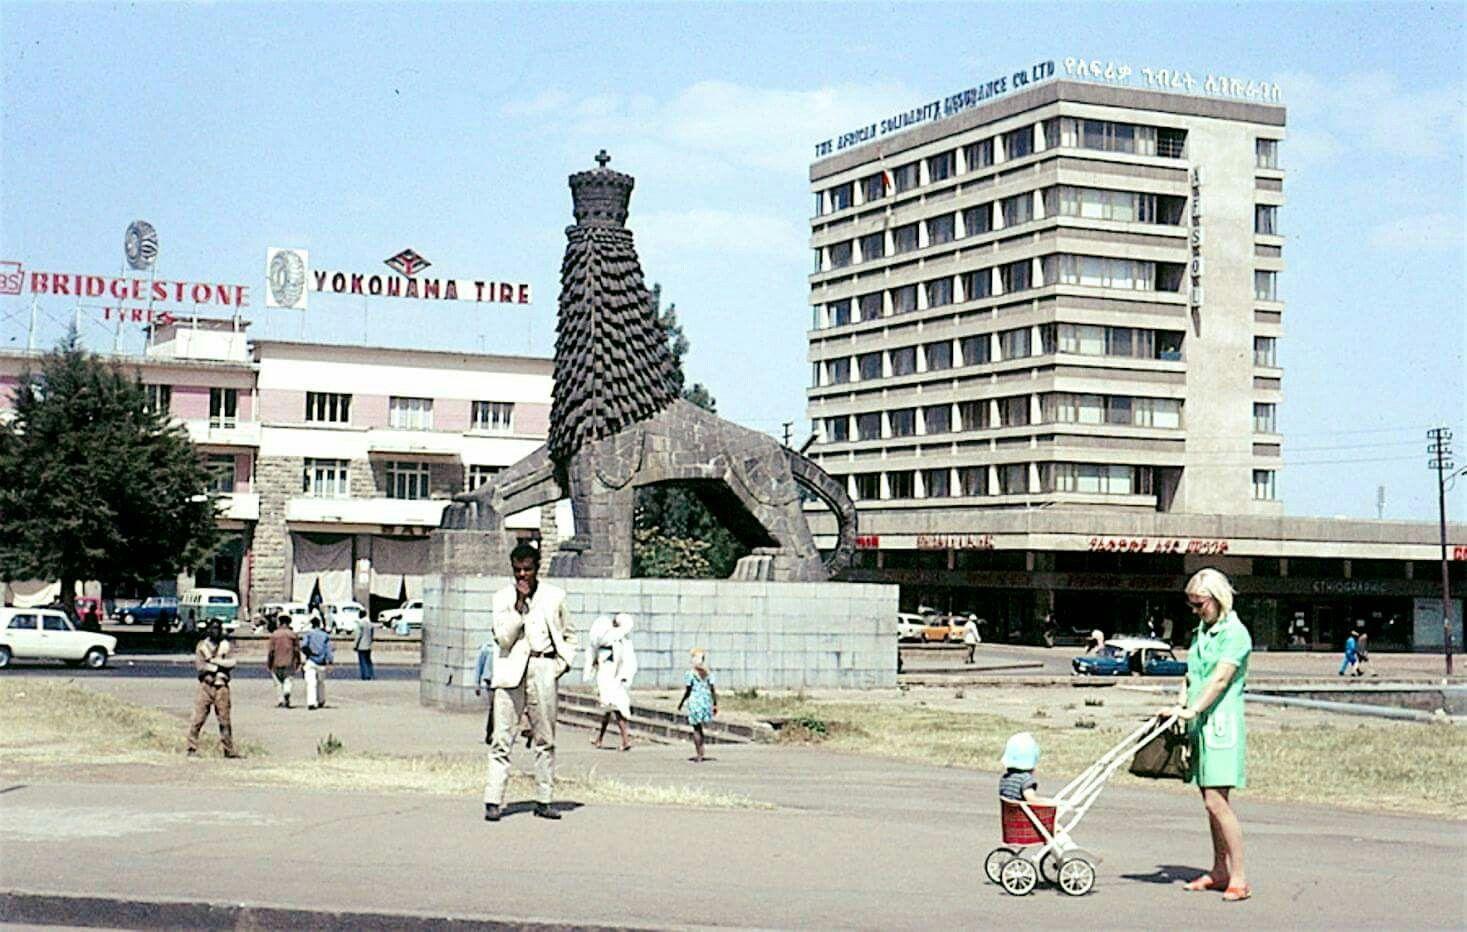 ሸገር, አዱገነት Addis Ababa Yokohama, Bridgestone Tyres